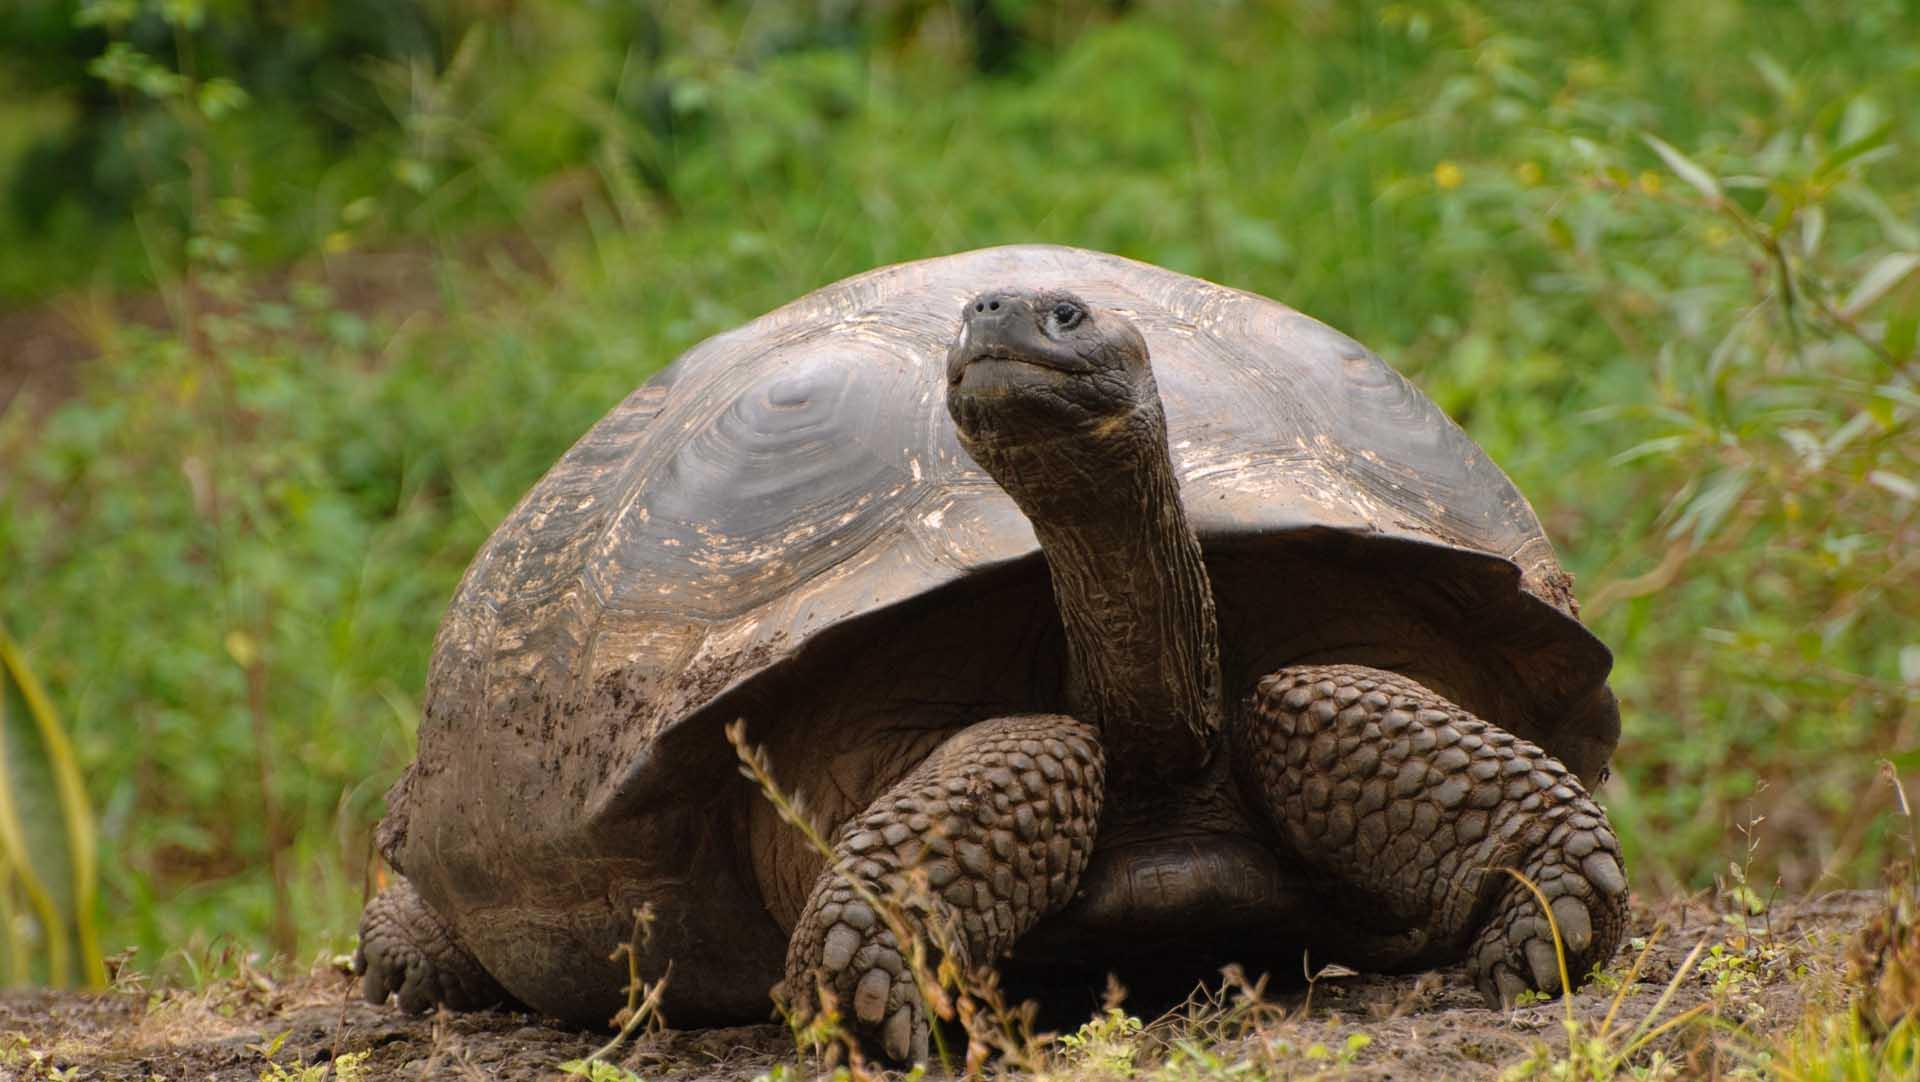 La especie identificada se suma a las dos que se creía eran las únicas gigantes endémicas de la isla Santa Cruz